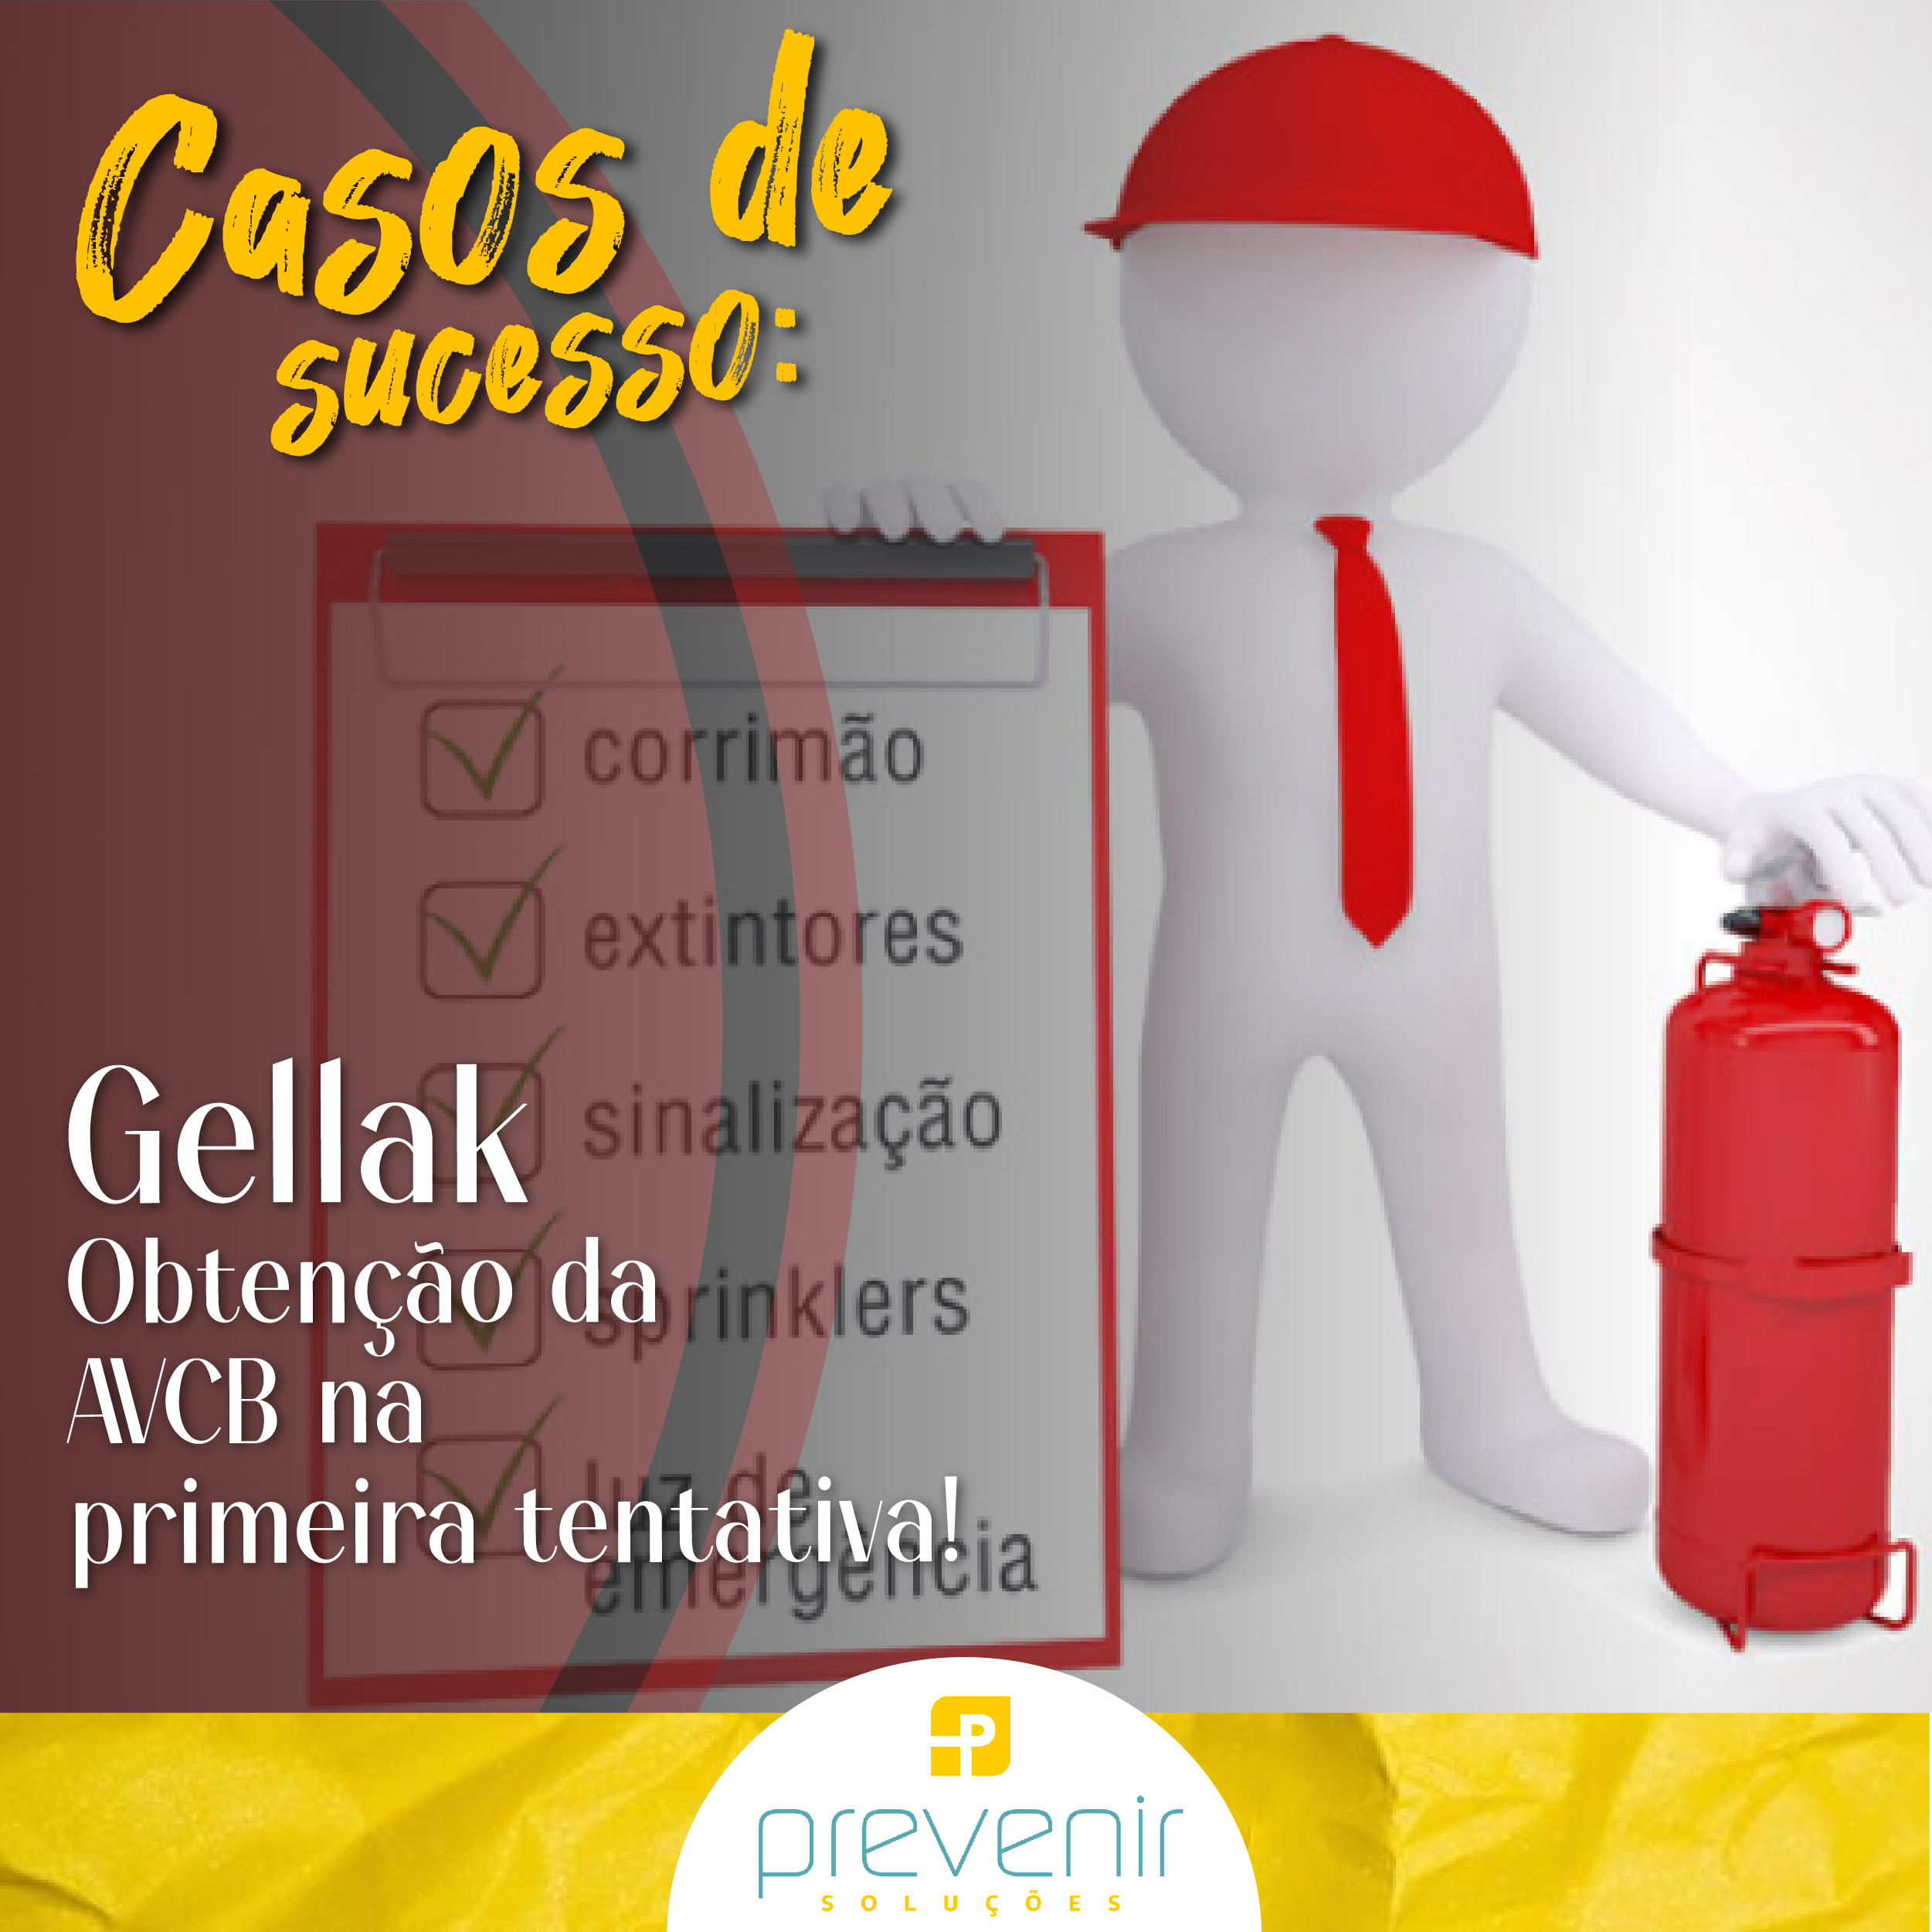 Cases de sucesso: Gellak Obtenção da AVCB na primeira tentativa!